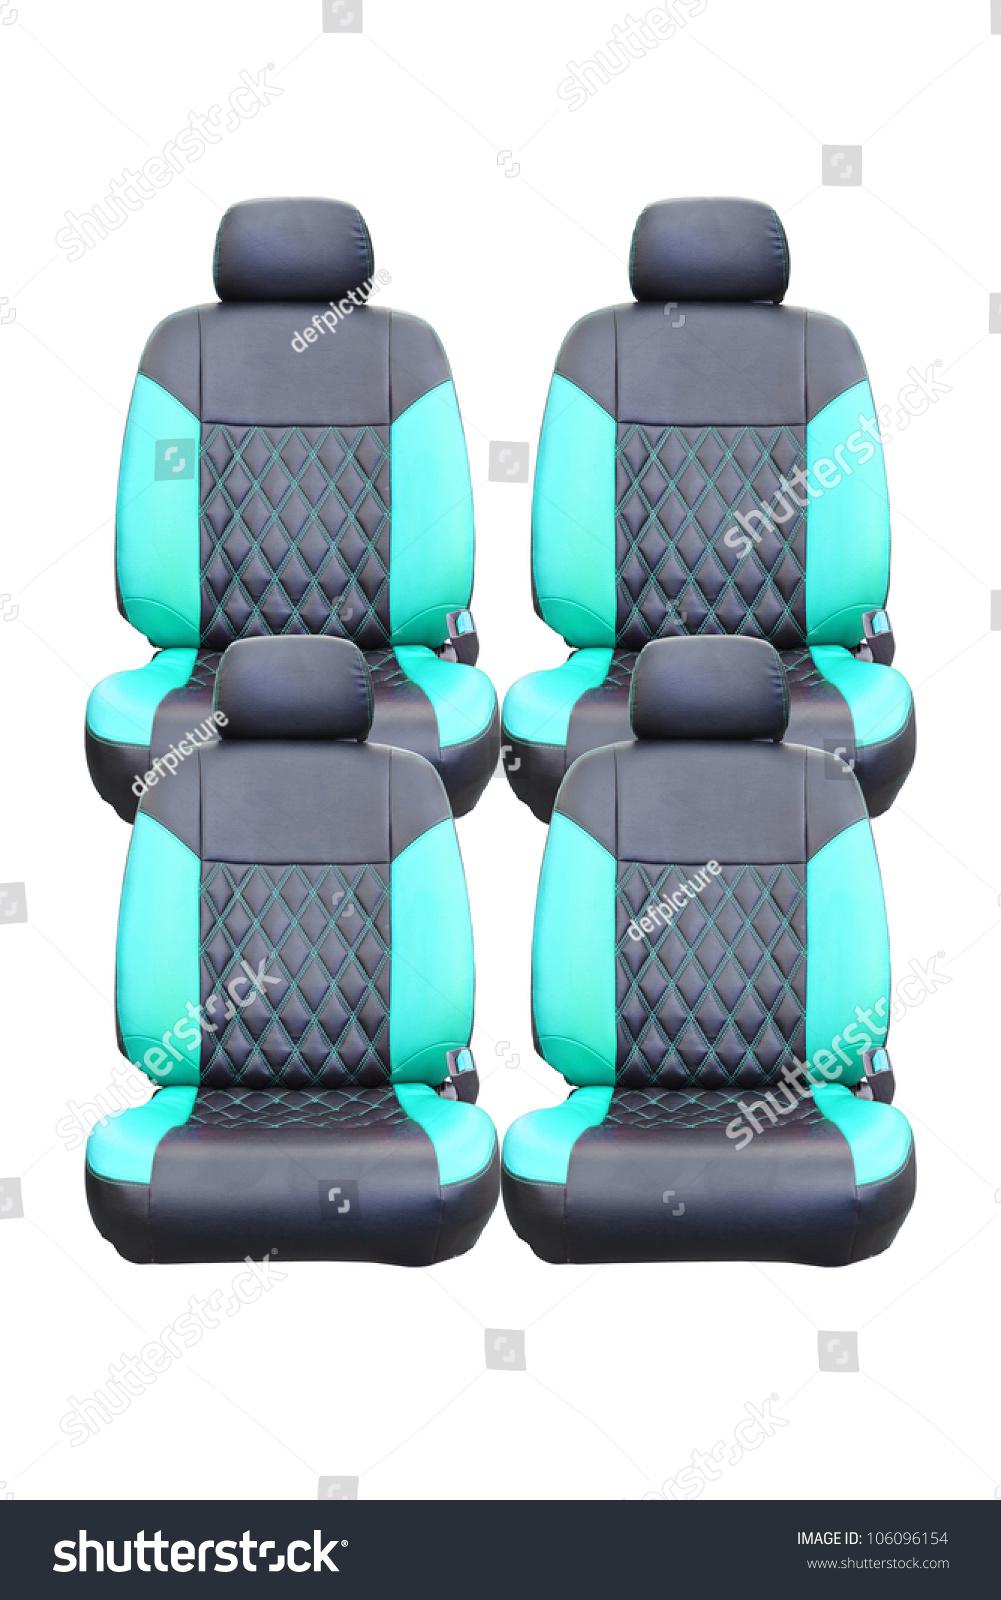 Convertible Car Seats At